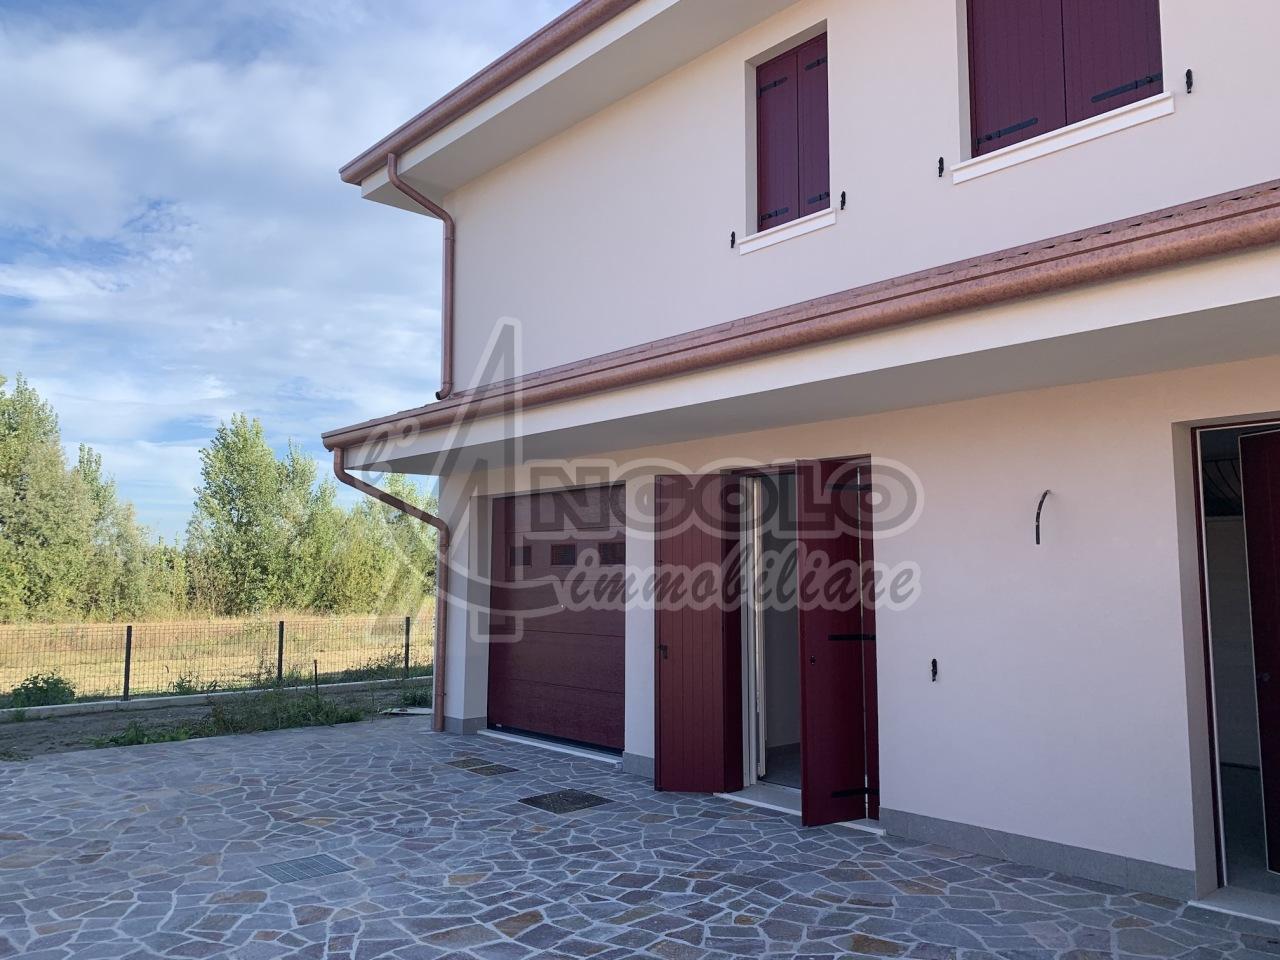 Villetta a schiera in vendita Rif. 11365327